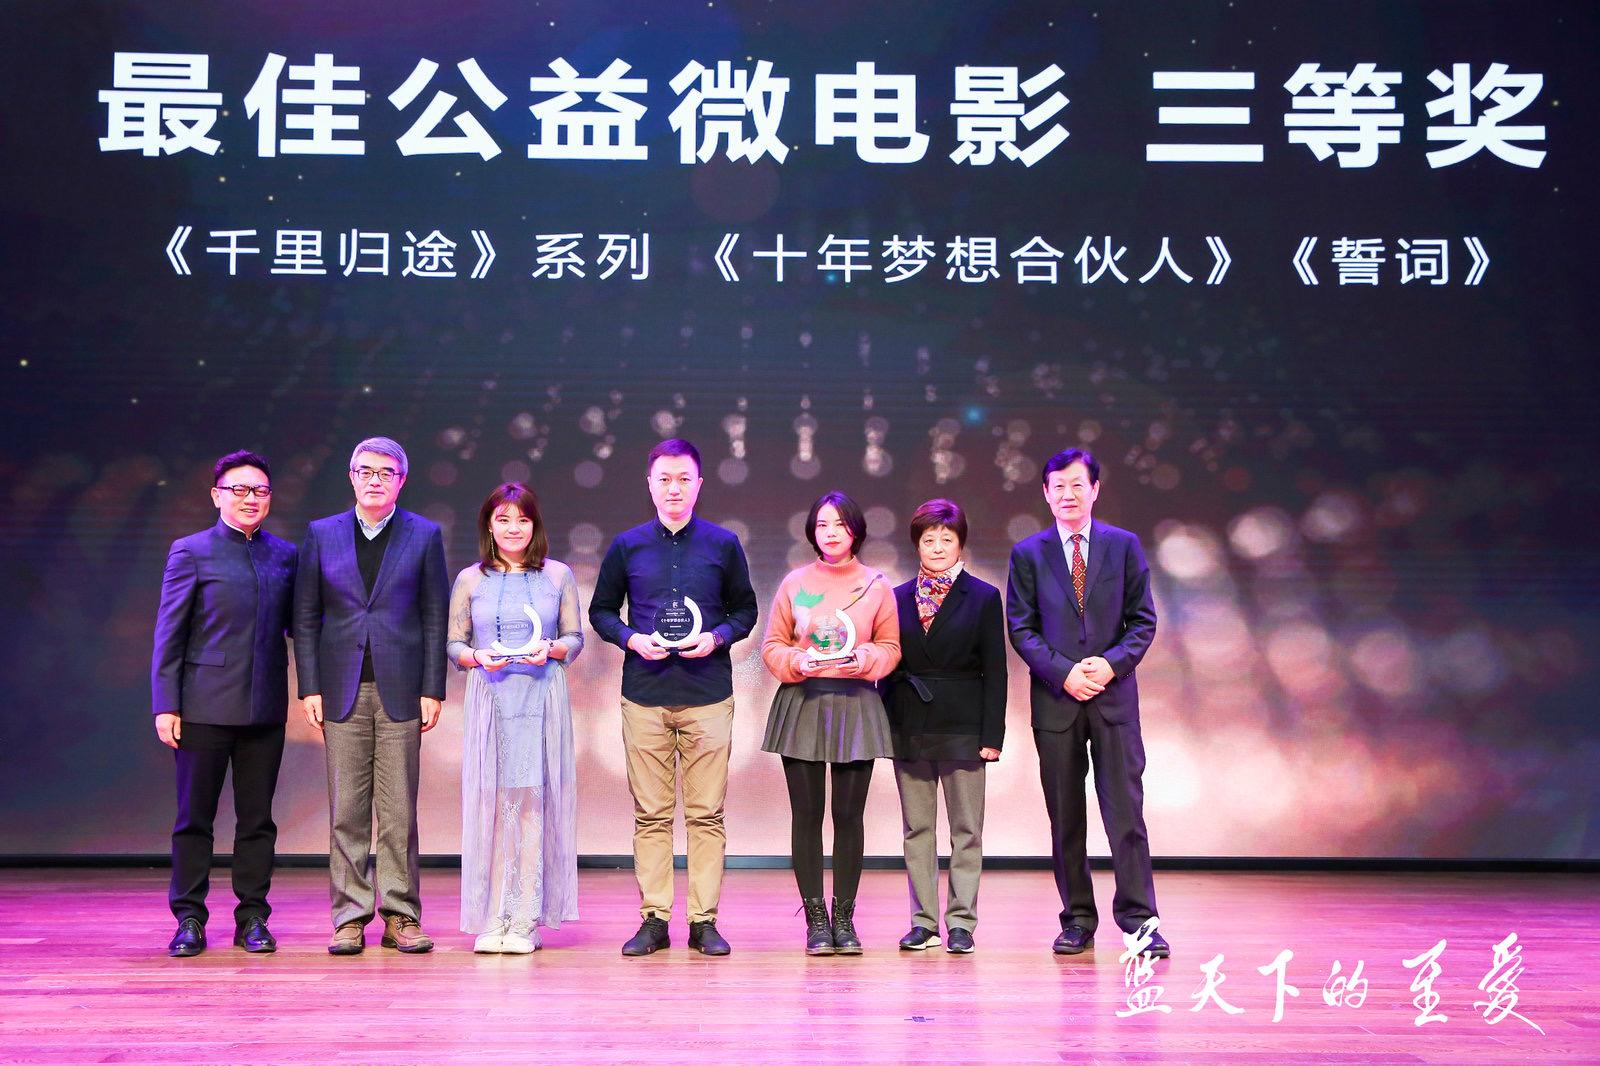 最佳公益微电影三等奖《千里归途》系列、《十年梦想合伙人》、《誓言》